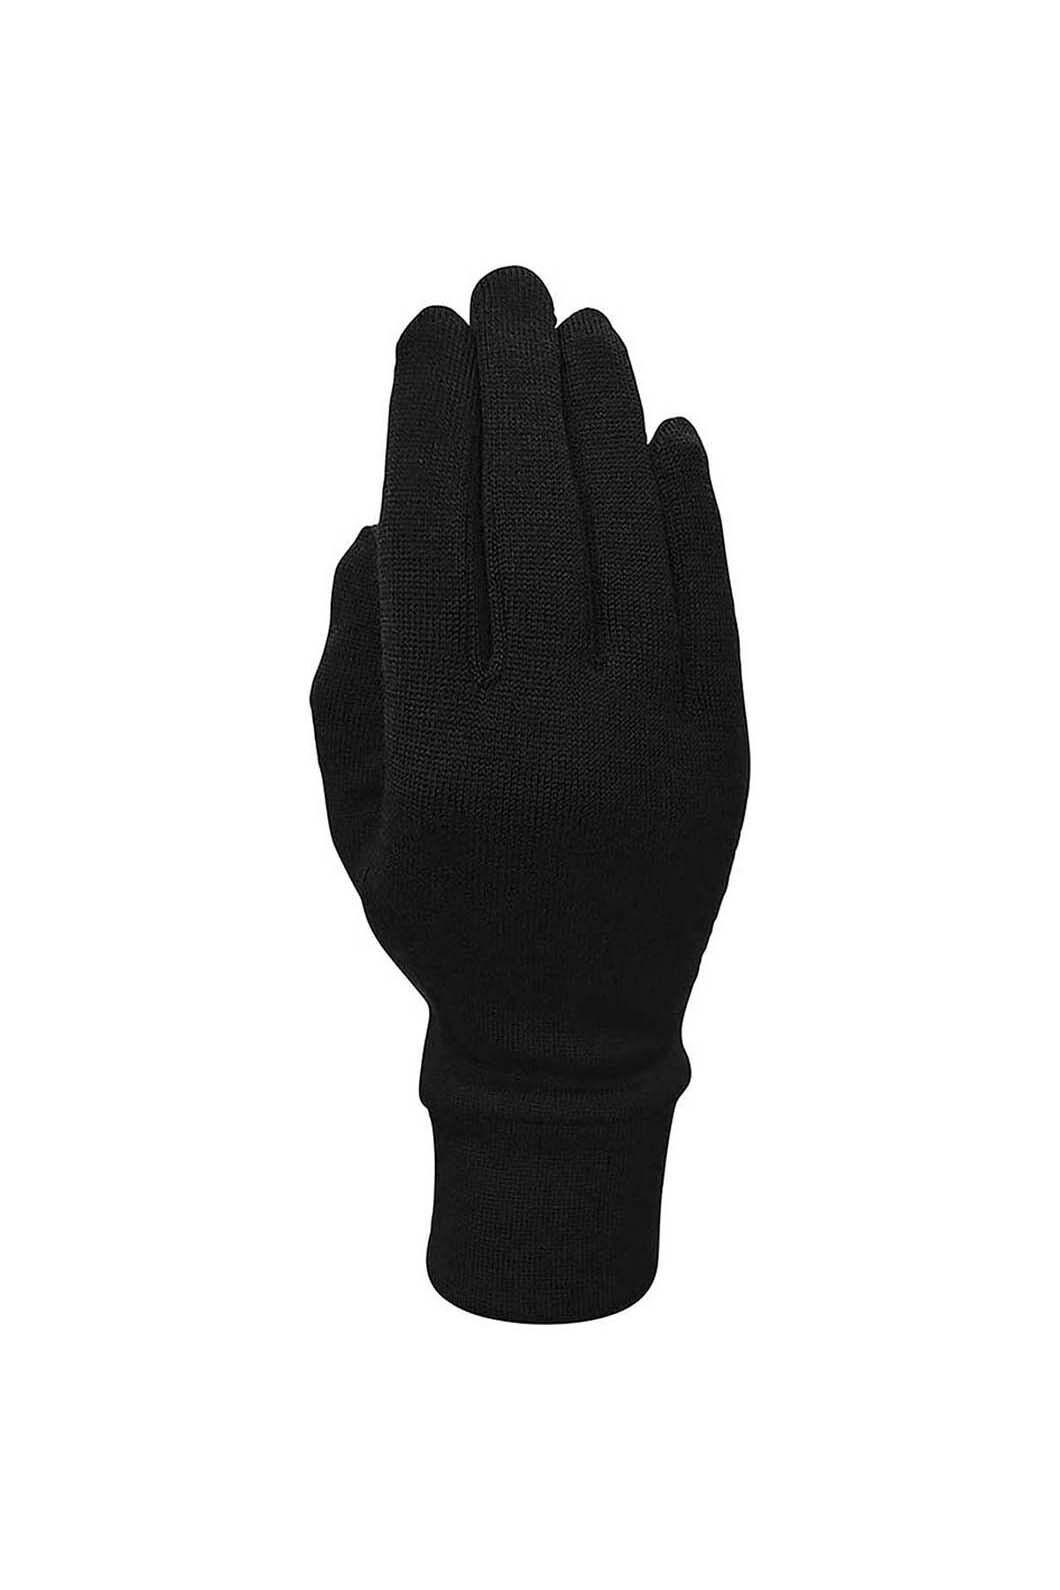 XTM Unisex Merino Gloves, Black, hi-res